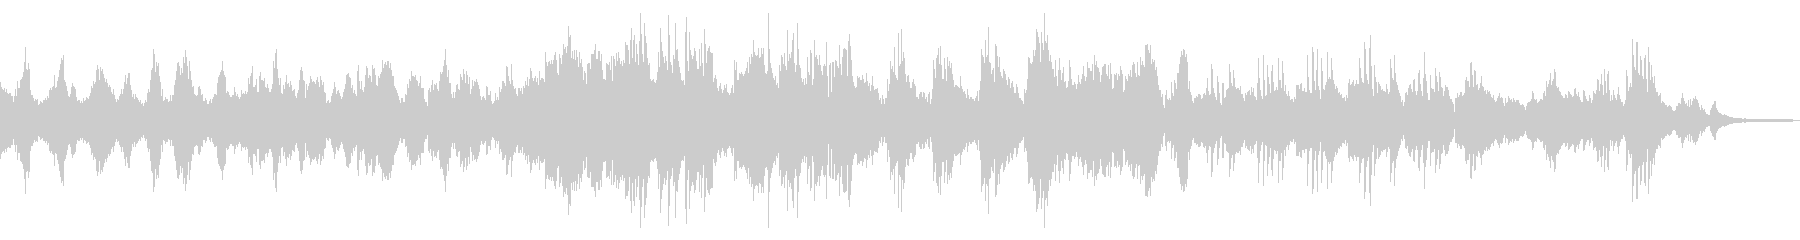 花吹雪/ドラマチックな和風ピアノ23の未再生の波形